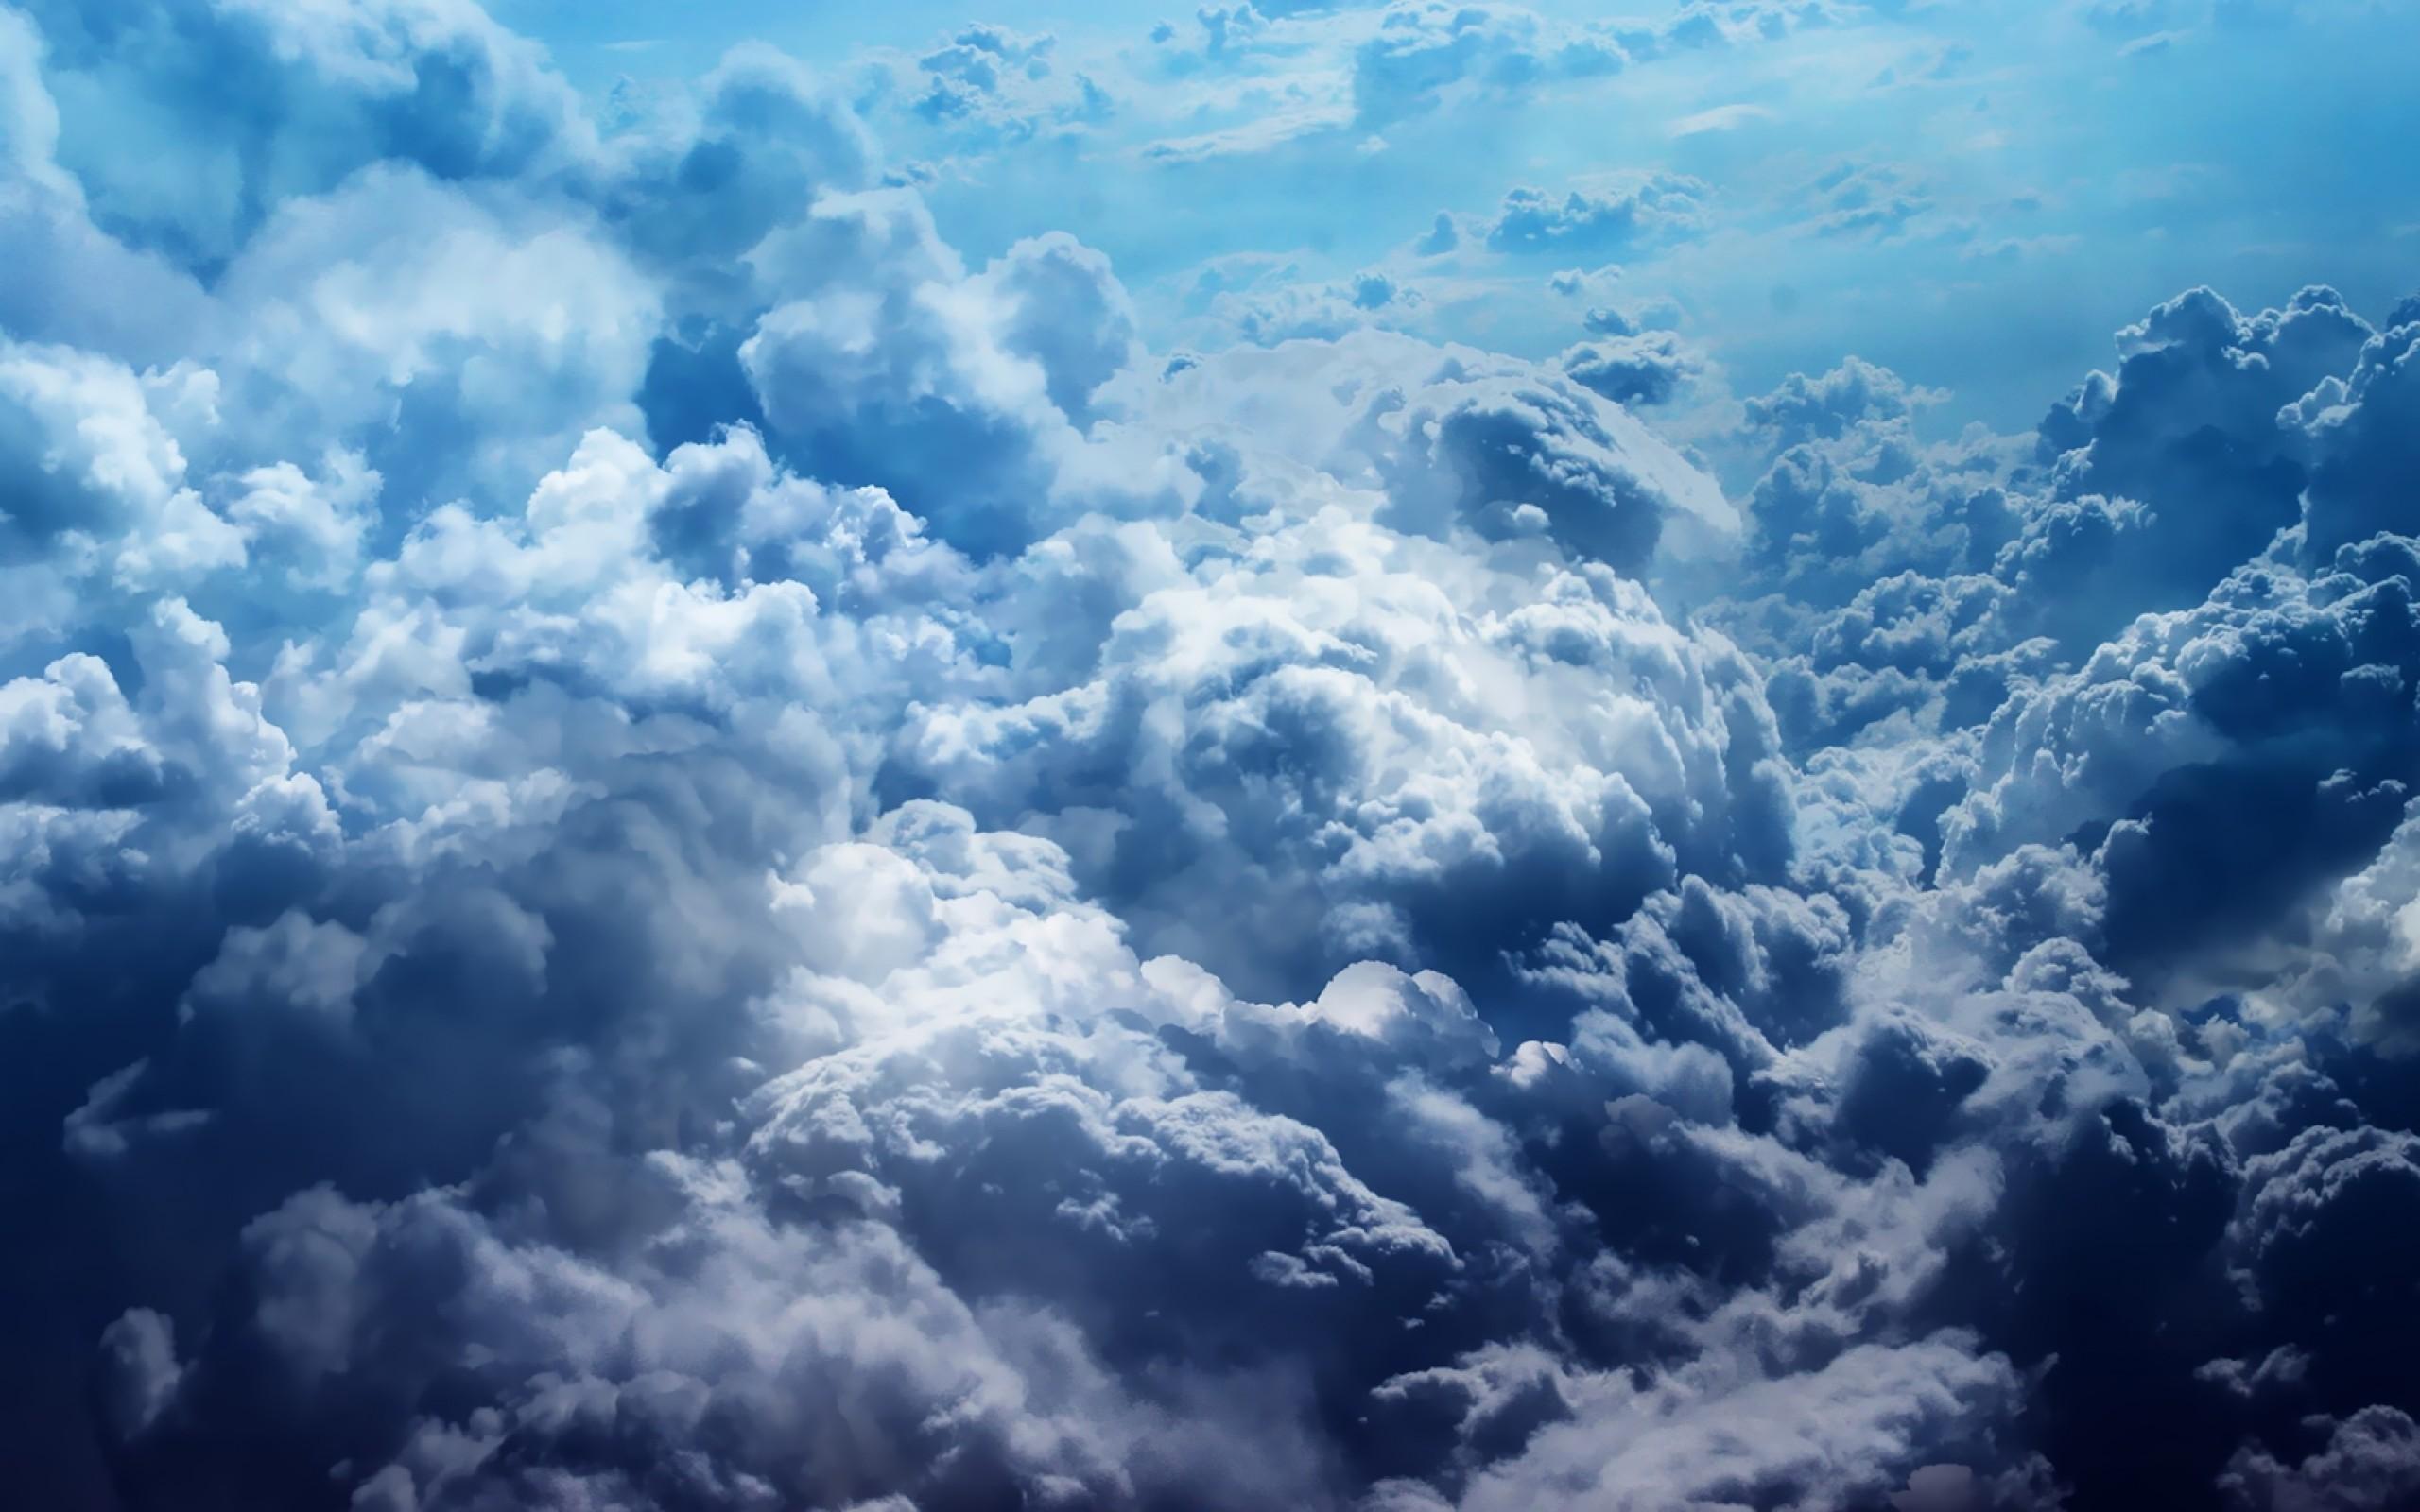 tumblr static 8803694 clouds background hd - La oración